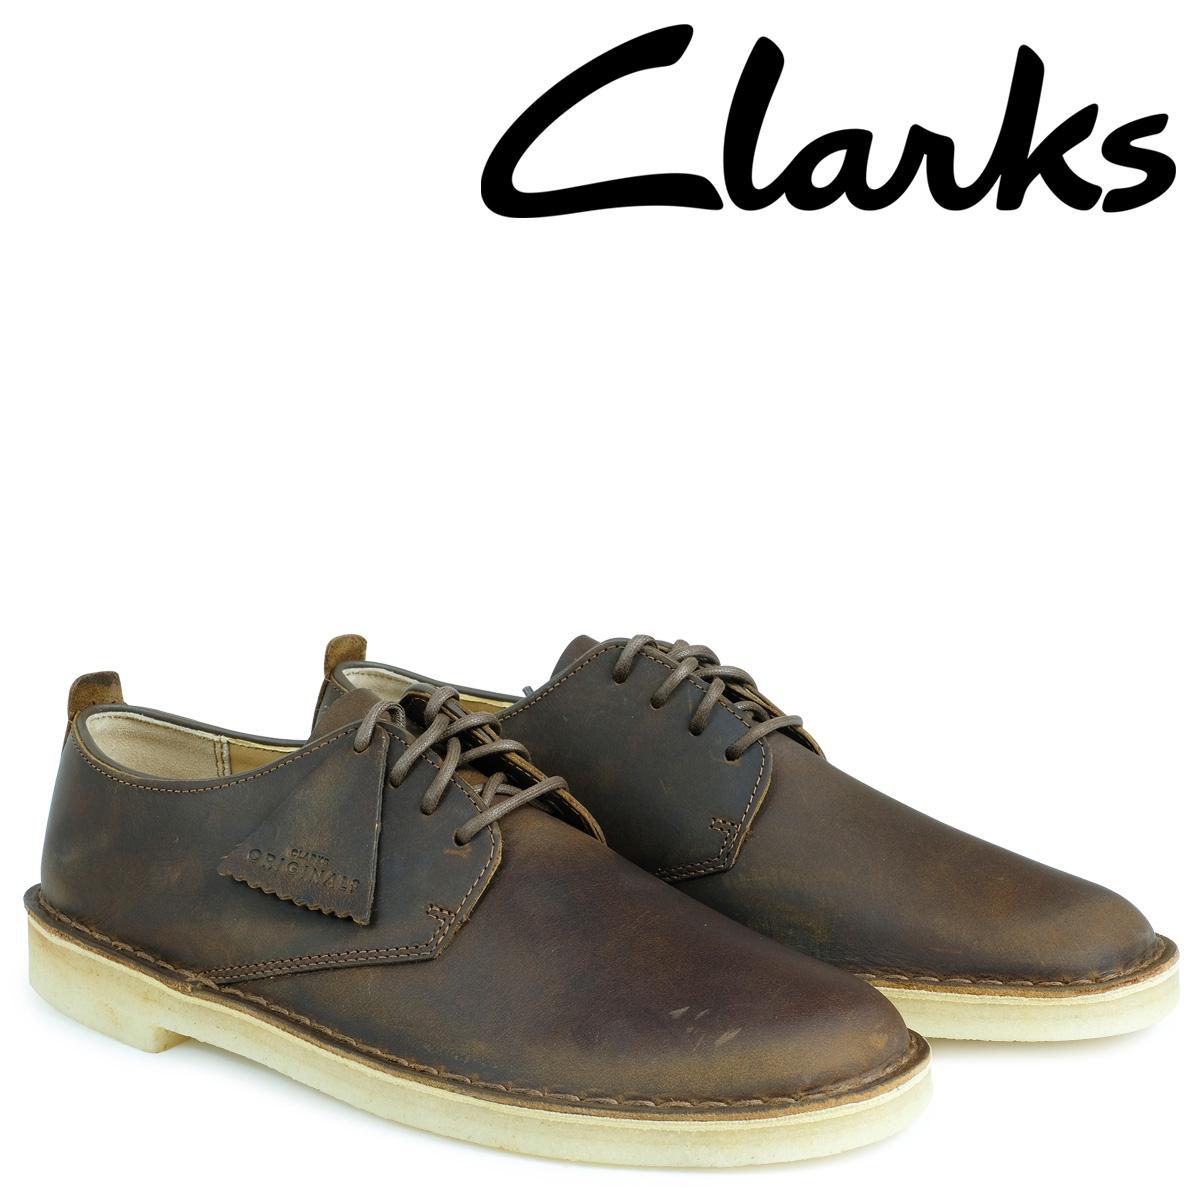 クラークス メンズ Clarks 26107880 デザート ロンドン シューズ メンズ DESERT LONDON ロンドン 26107880 ブラウン, E-NOALZU:7f0d04d2 --- ww.thecollagist.com